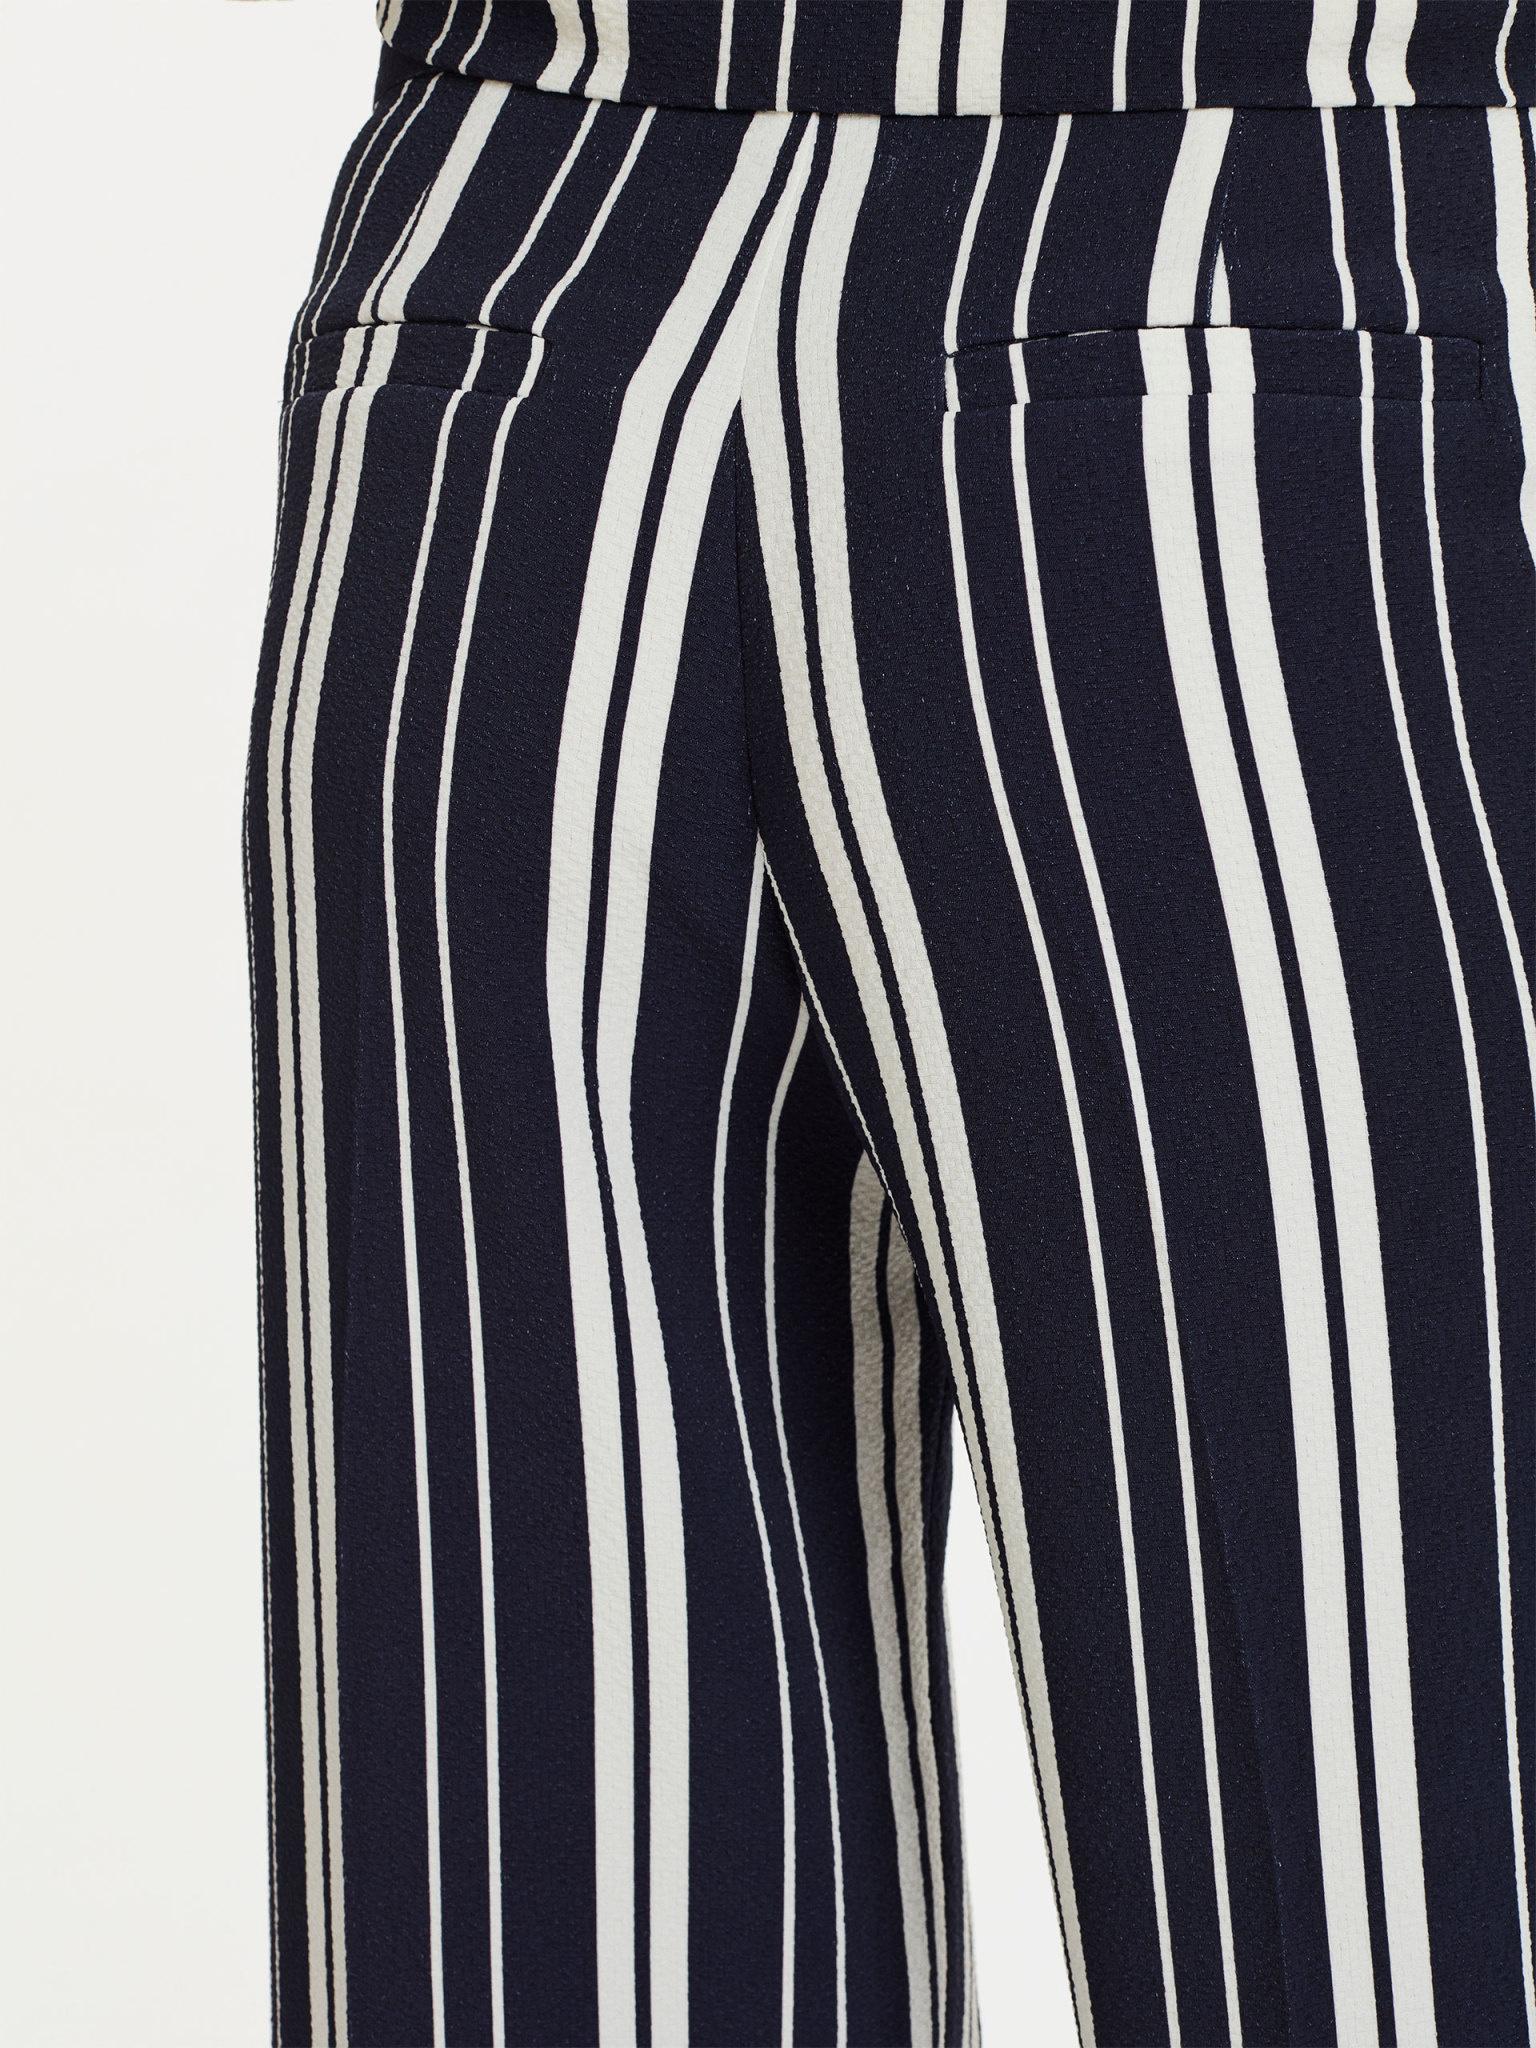 Lark Trousers Navy Off White Stripes-2